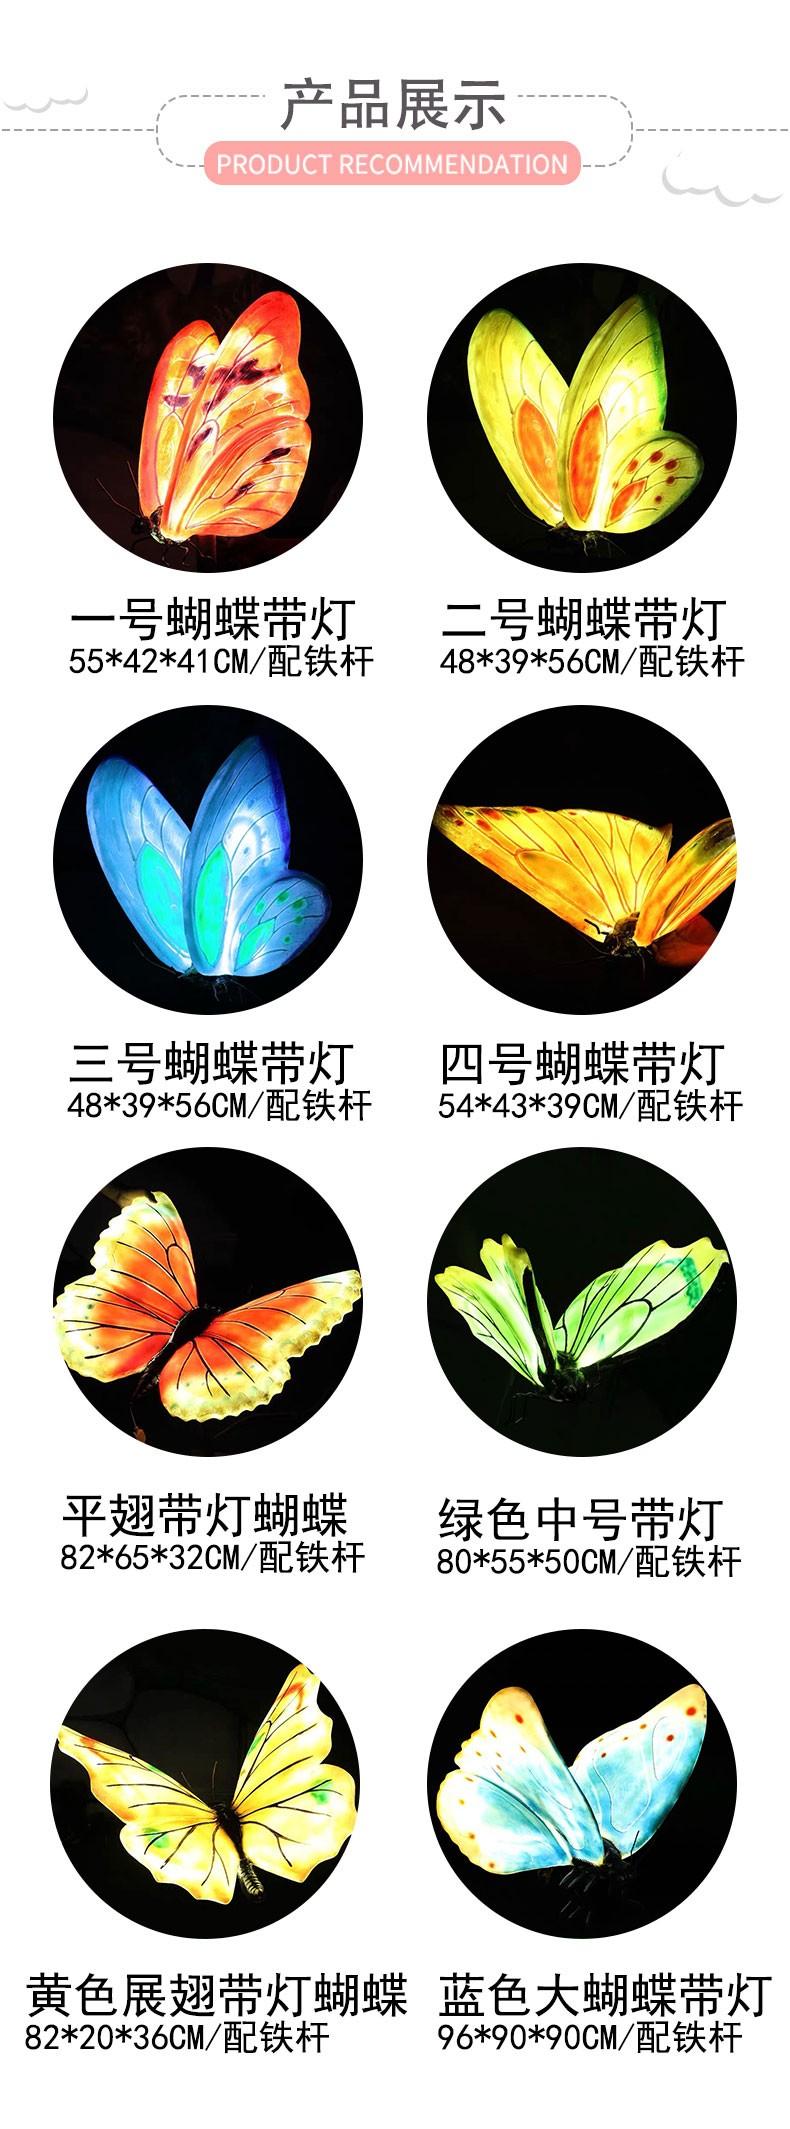 安徽雕塑公司.jpg